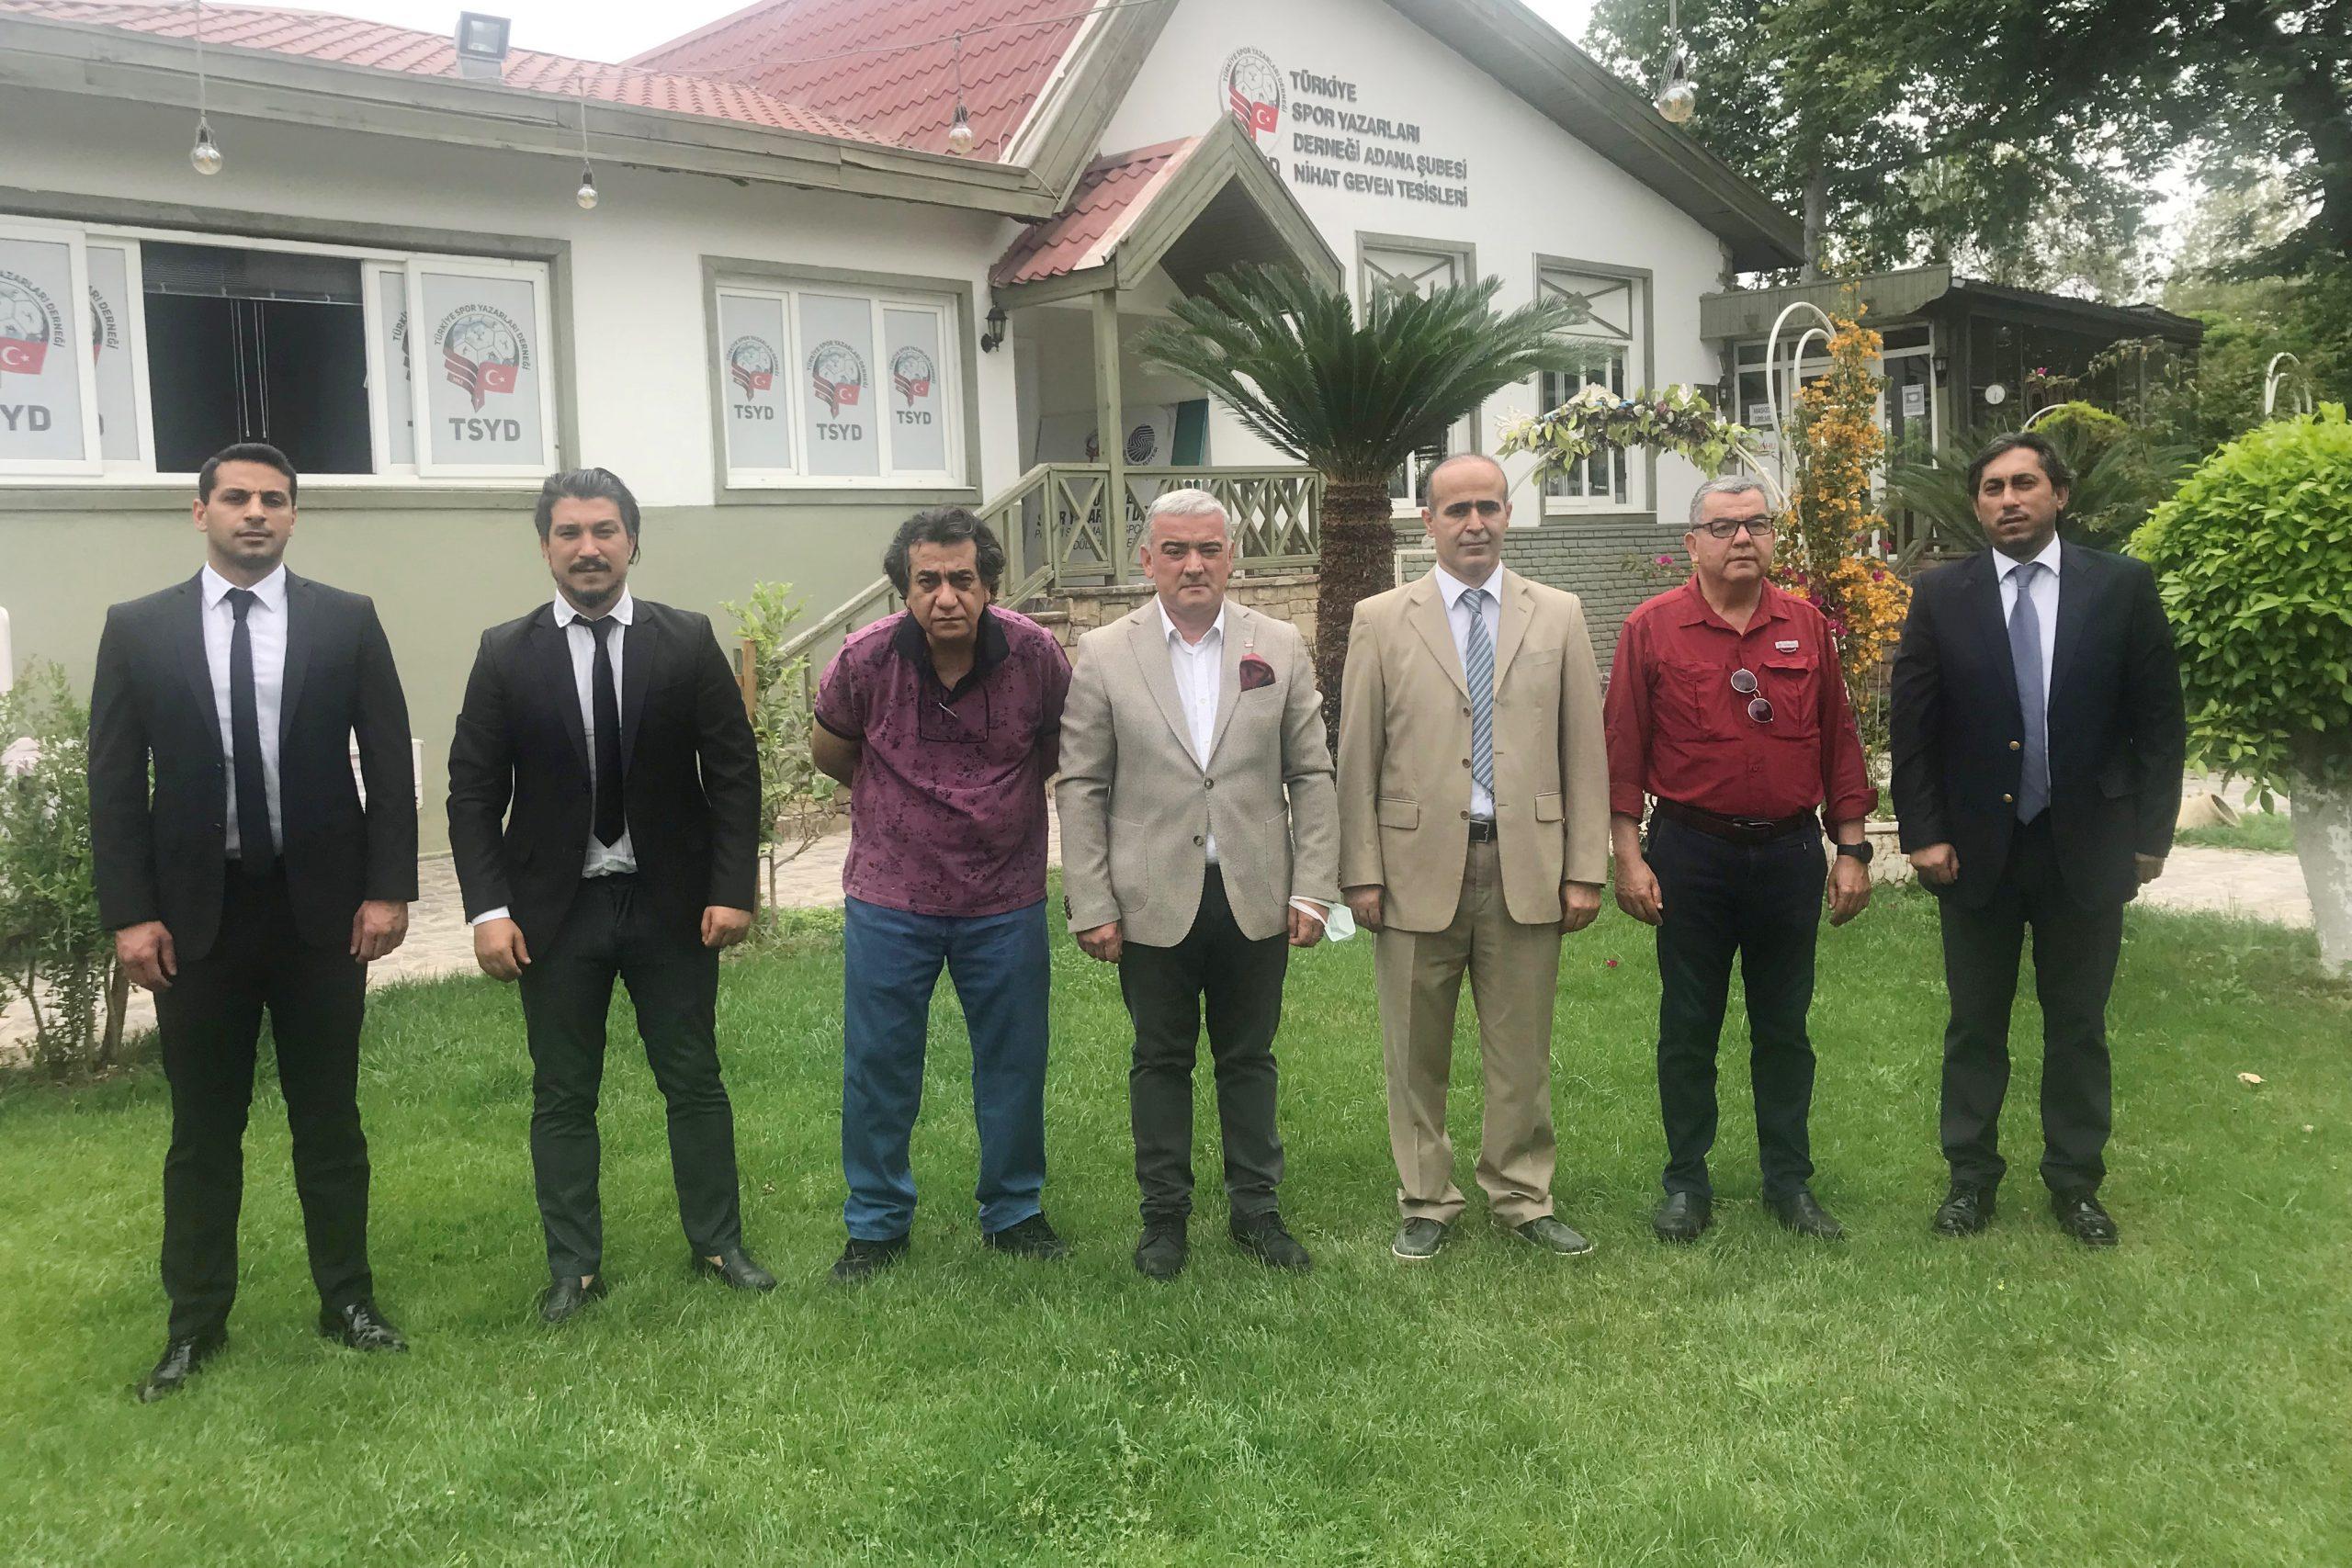 TSYD Adana Şubesi'nde yönetime üç yeni isim